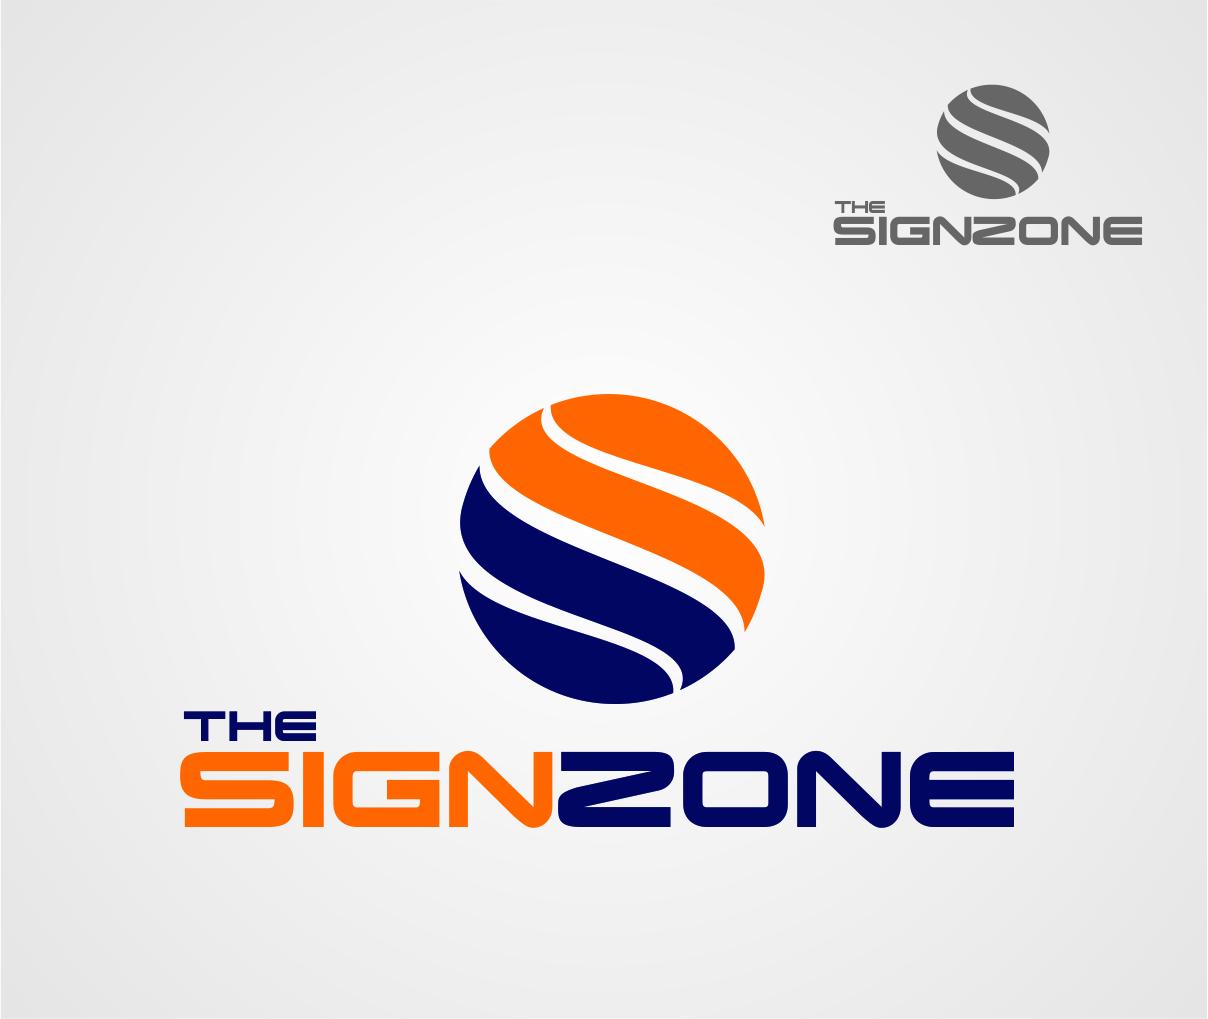 Logo Design by Reivan Ferdinan - Entry No. 19 in the Logo Design Contest Fun Logo Design for The Sign Zone.